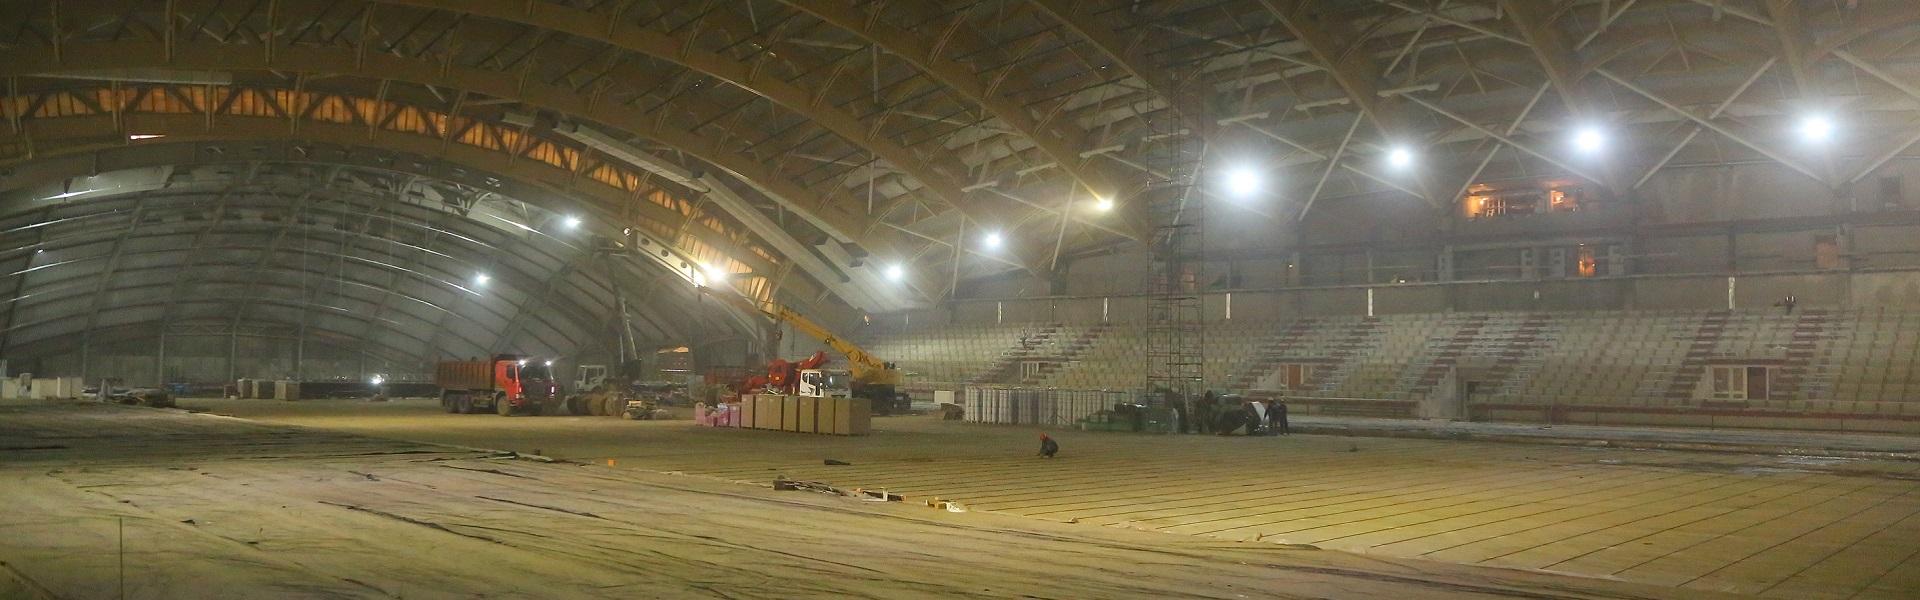 Успеют ли достроить новый ледовый дворец до чемпионата мира по хоккею с мячом?